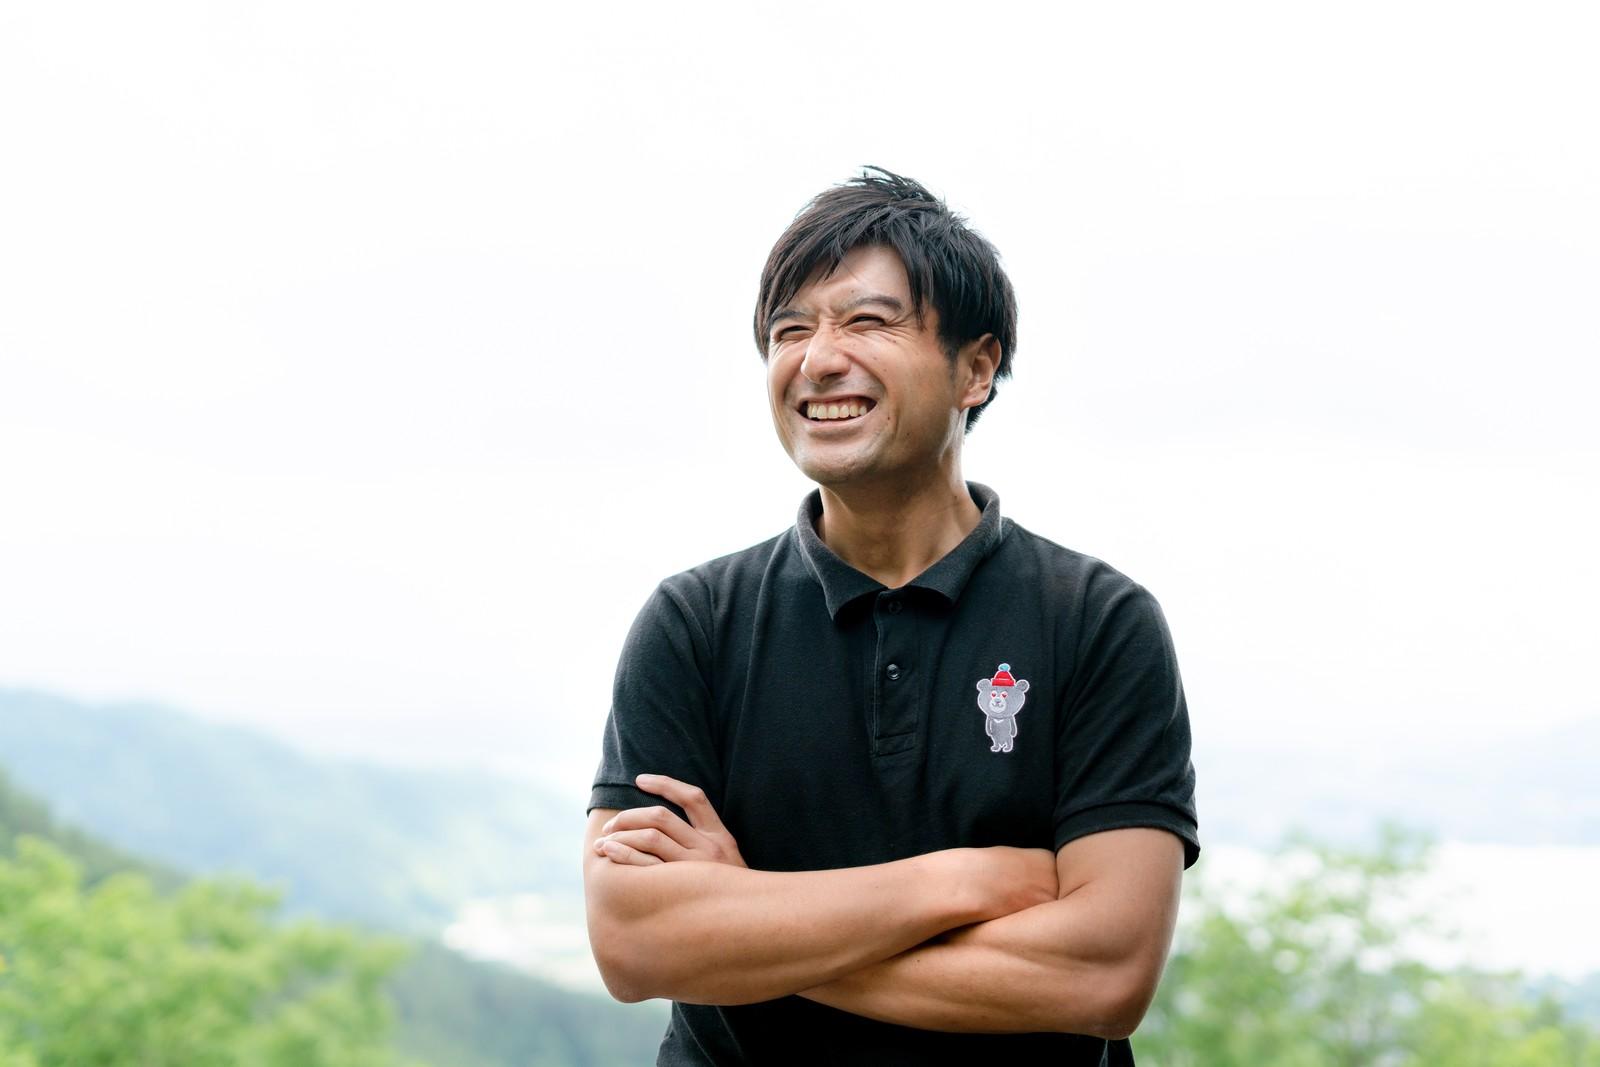 ラヴィベル大阪・堺ブログ<br>【プロフィール写真は必ず笑顔で】(特に男性の方)